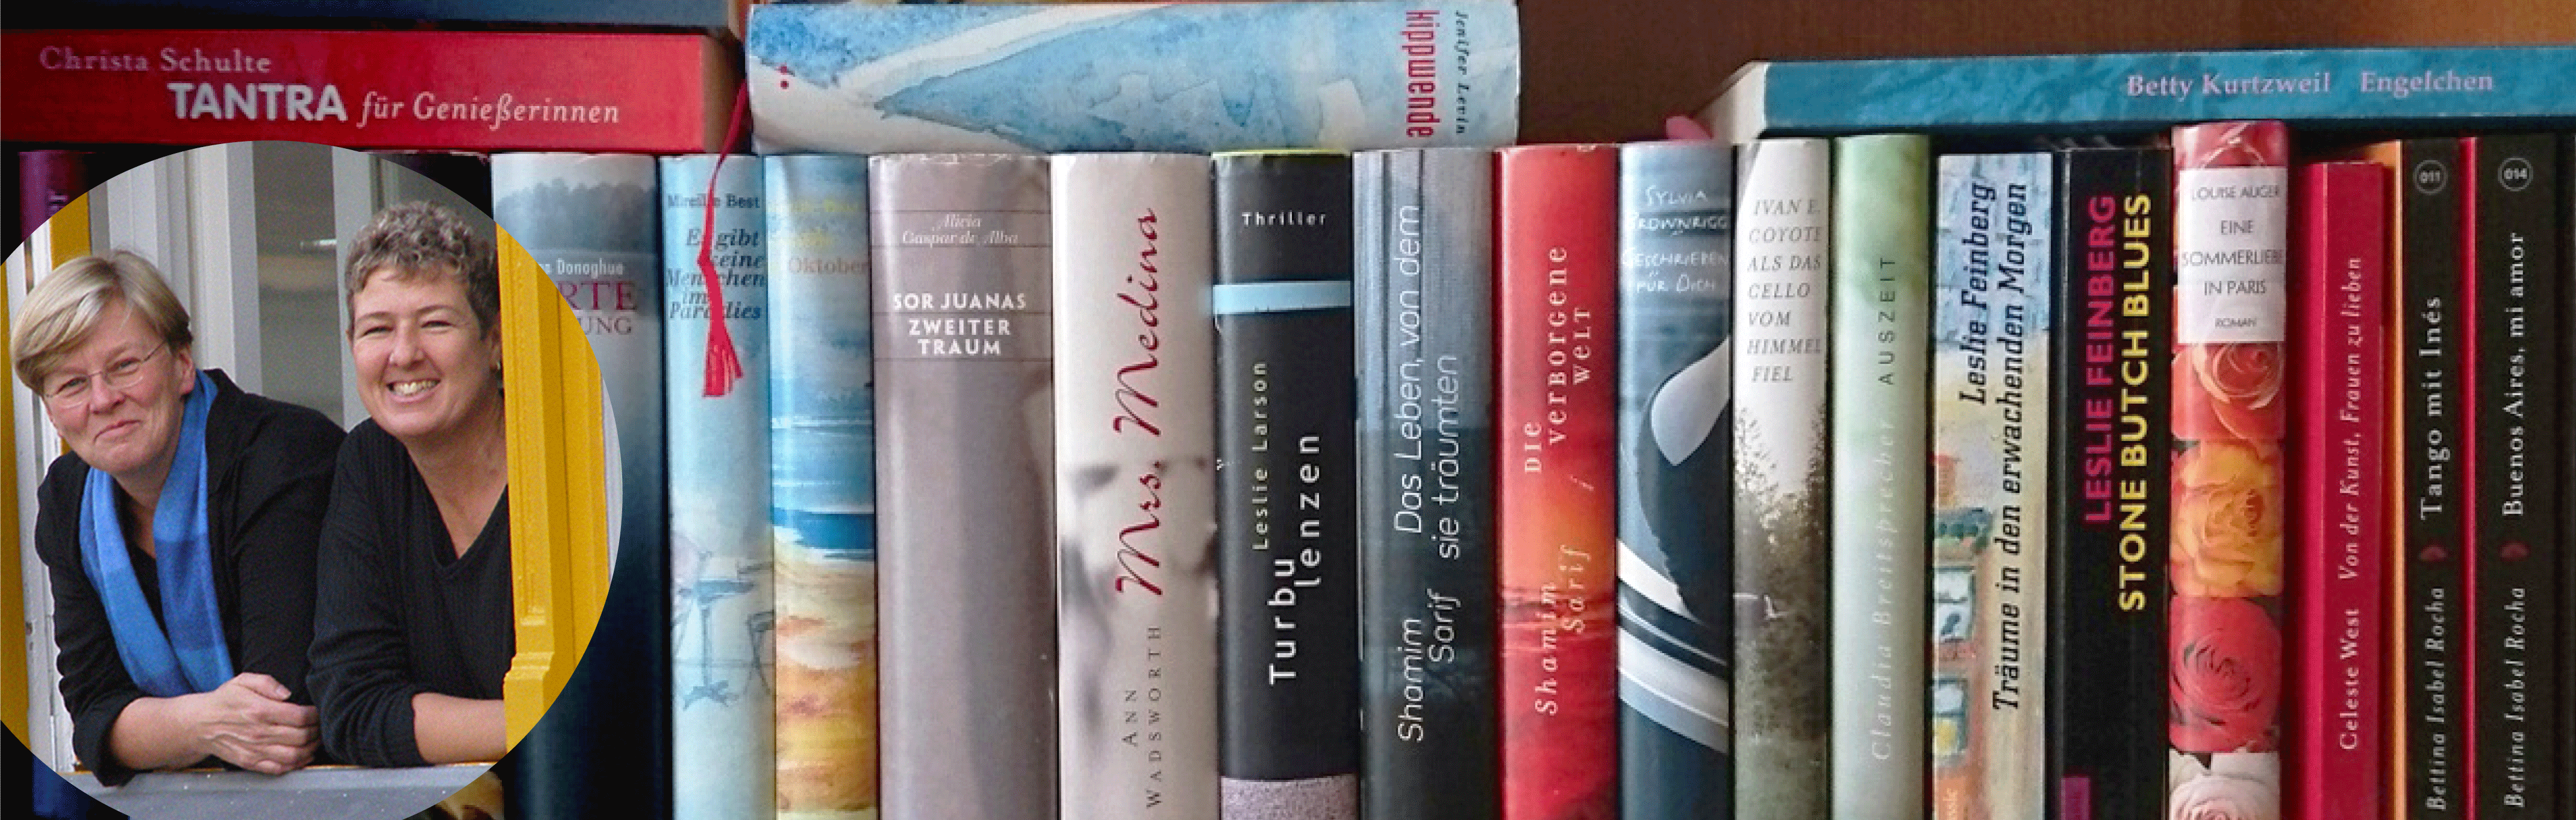 Verlag Krug & Schadenberg - die beiden Verlegerinnen Andrea Krug und Dagmar Schadenberg wünschen - kommen Sie gut an, in der ach so schönen kuschligen Weihnachtszeit